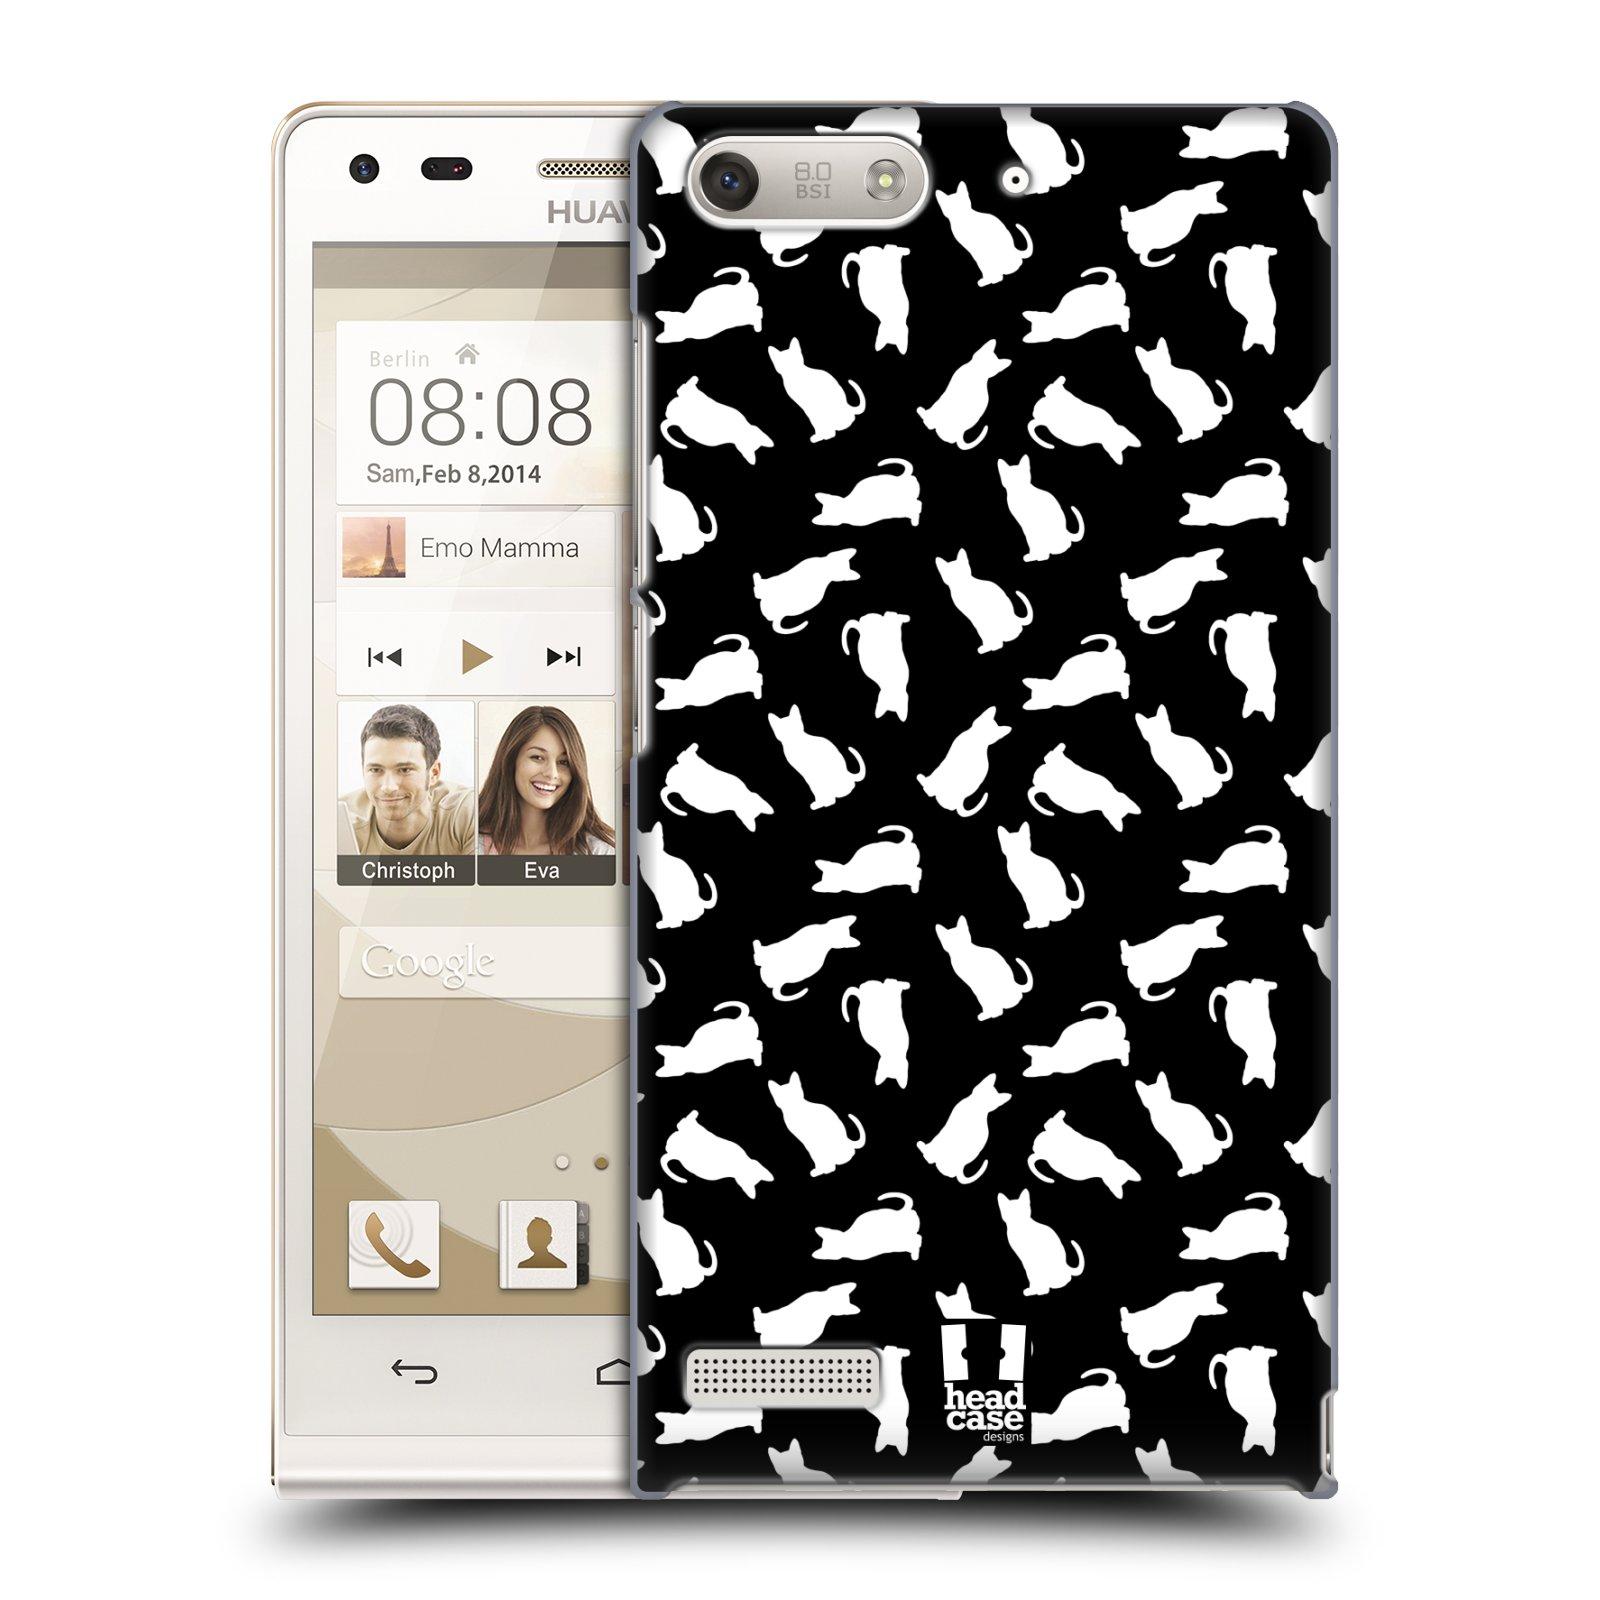 Plastové pouzdro na mobil Huawei Ascend G6 HEAD CASE KOČKY BÍLÉ (Kryt či obal na mobilní telefon Huawei Ascend G6 bez LTE)